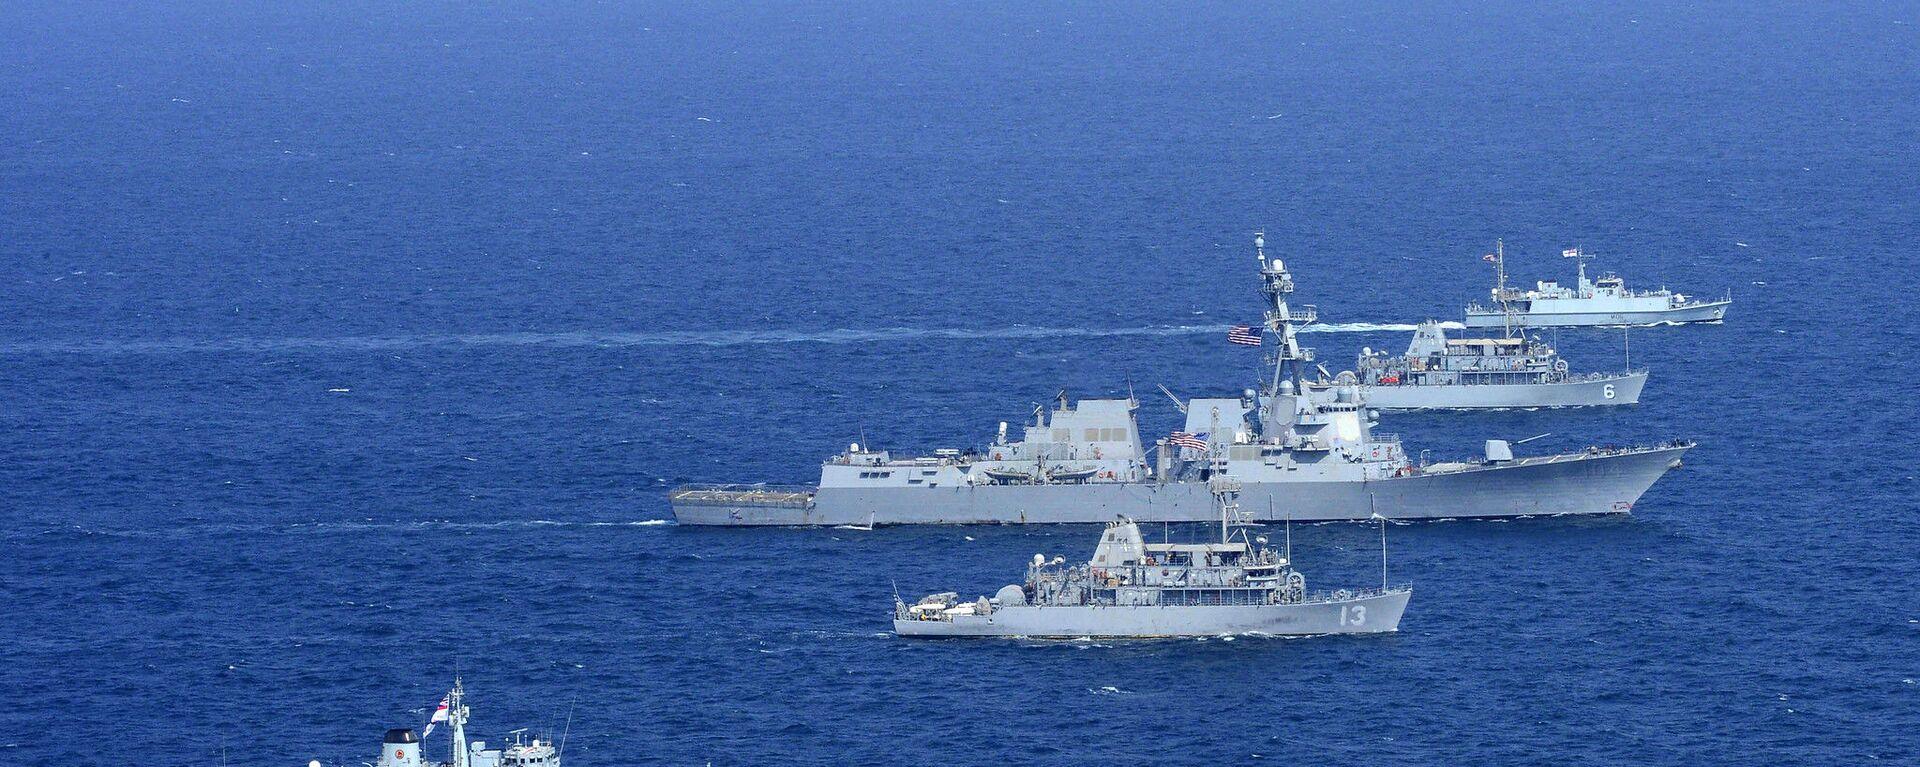 Americké a britské námořnictvo na cvičení v Perském zálivu (dne 31. října 2014). - Sputnik Česká republika, 1920, 28.09.2021